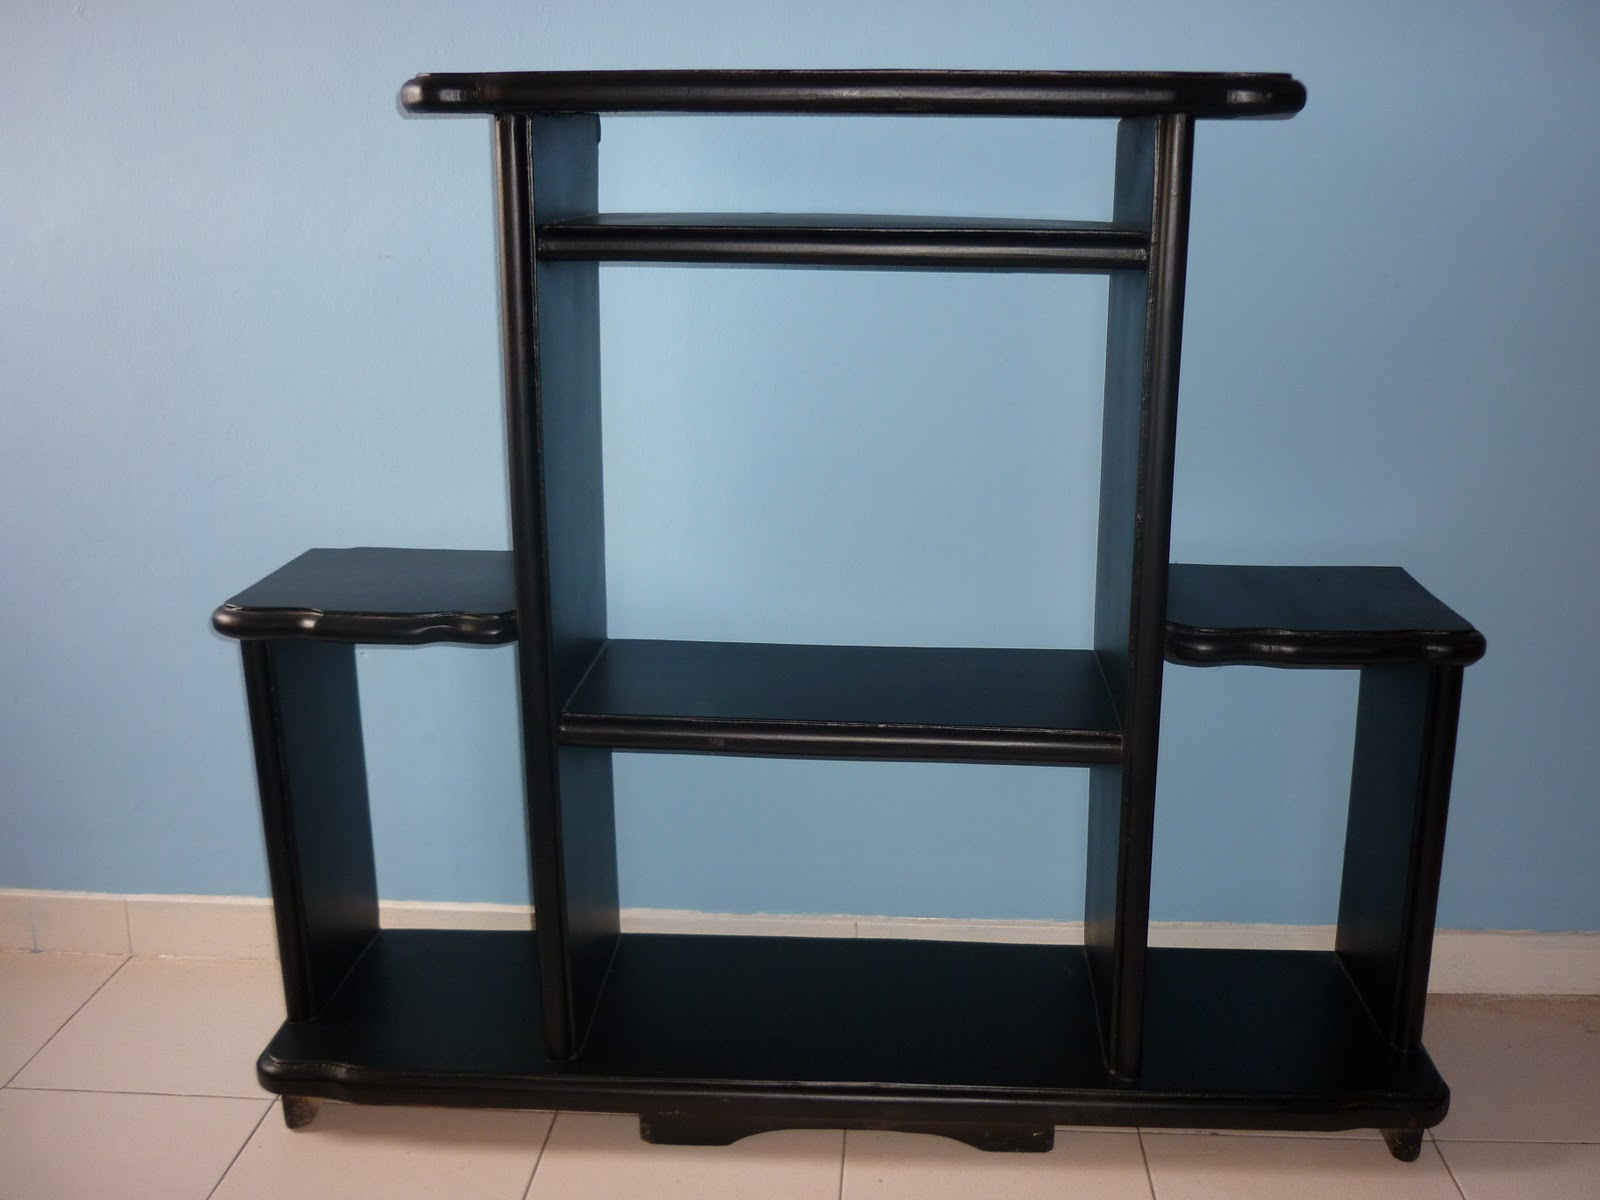 Muebles Equipo De Sonido - Muebles Para Equipos De Sonido Dise Os Arquitect Nicos Mimasku Com[mjhdah]https://http2.mlstatic.com/mueble-para-para-D_NQ_NP_637725-MPE25490948786_042017-F.jpg